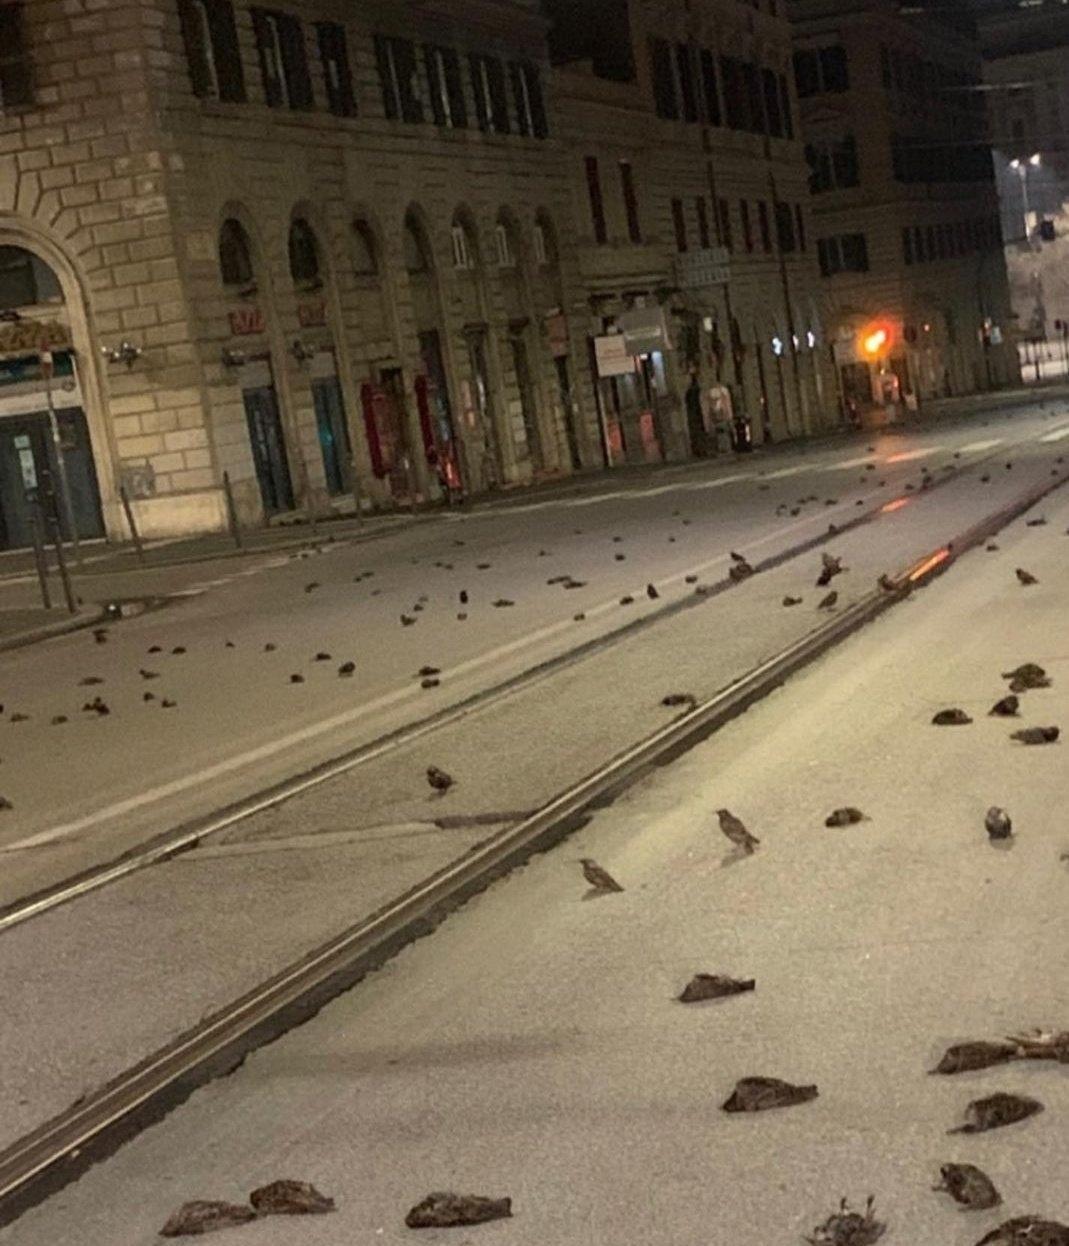 Тысячи птиц погибли в Риме из-за фейерверков